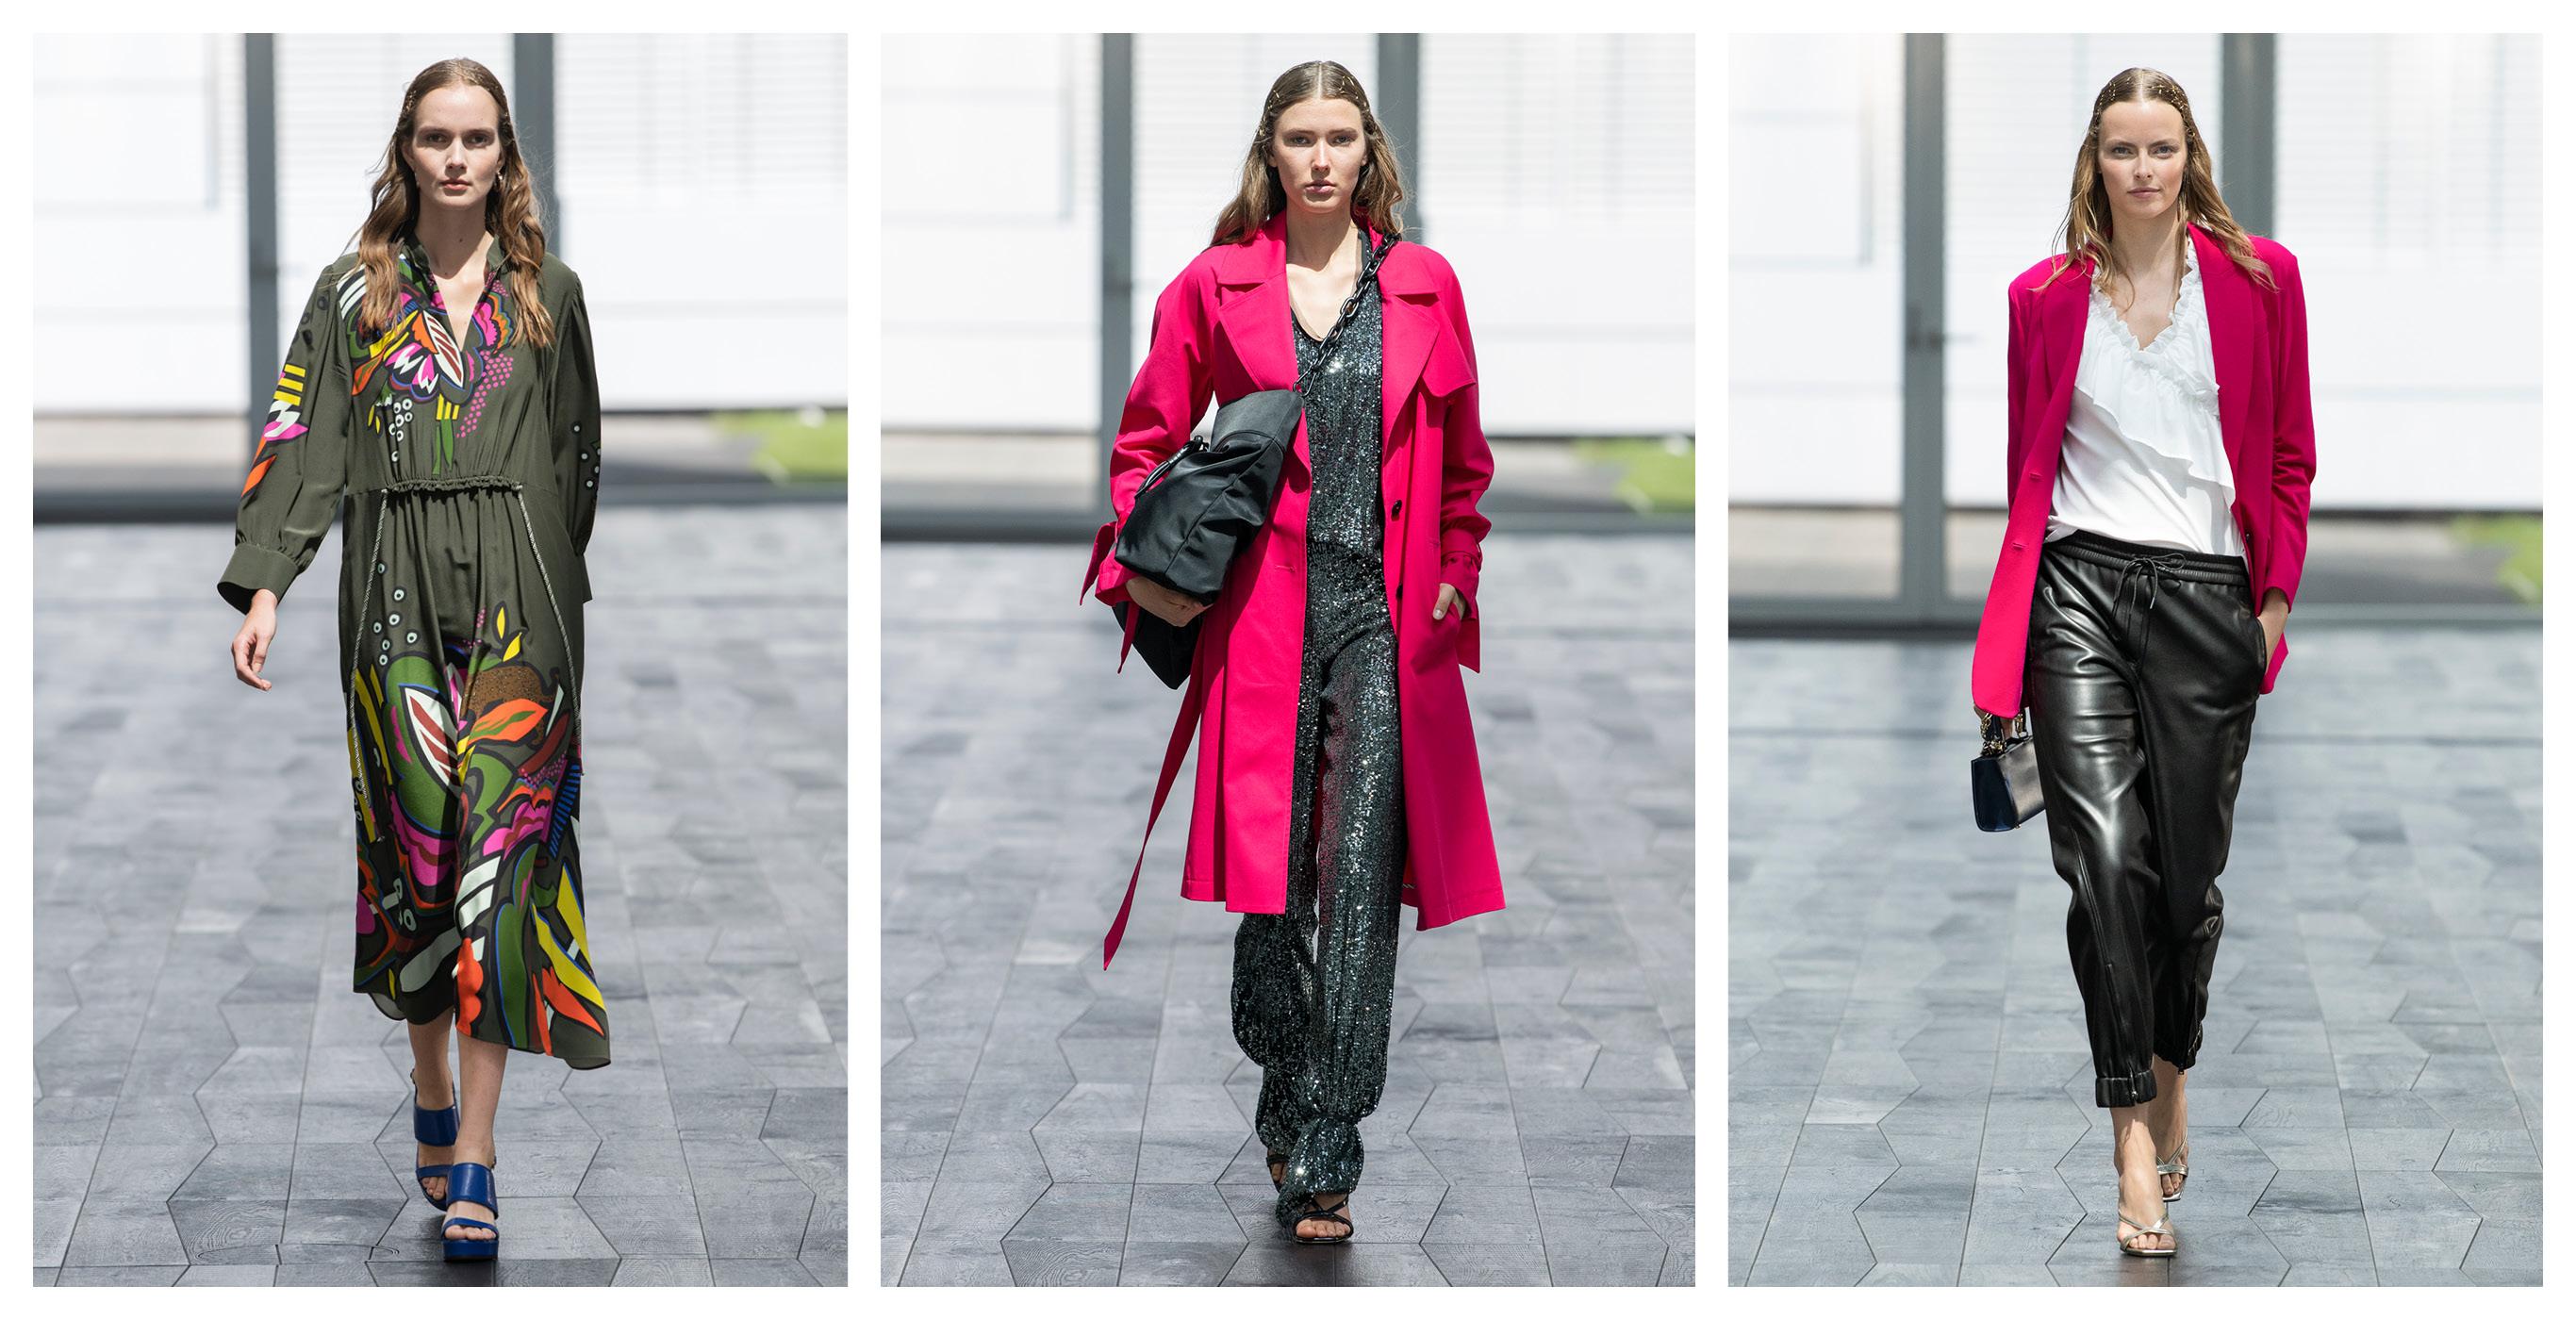 SaisonQ_FashionFilm_Slider4_Catwalk